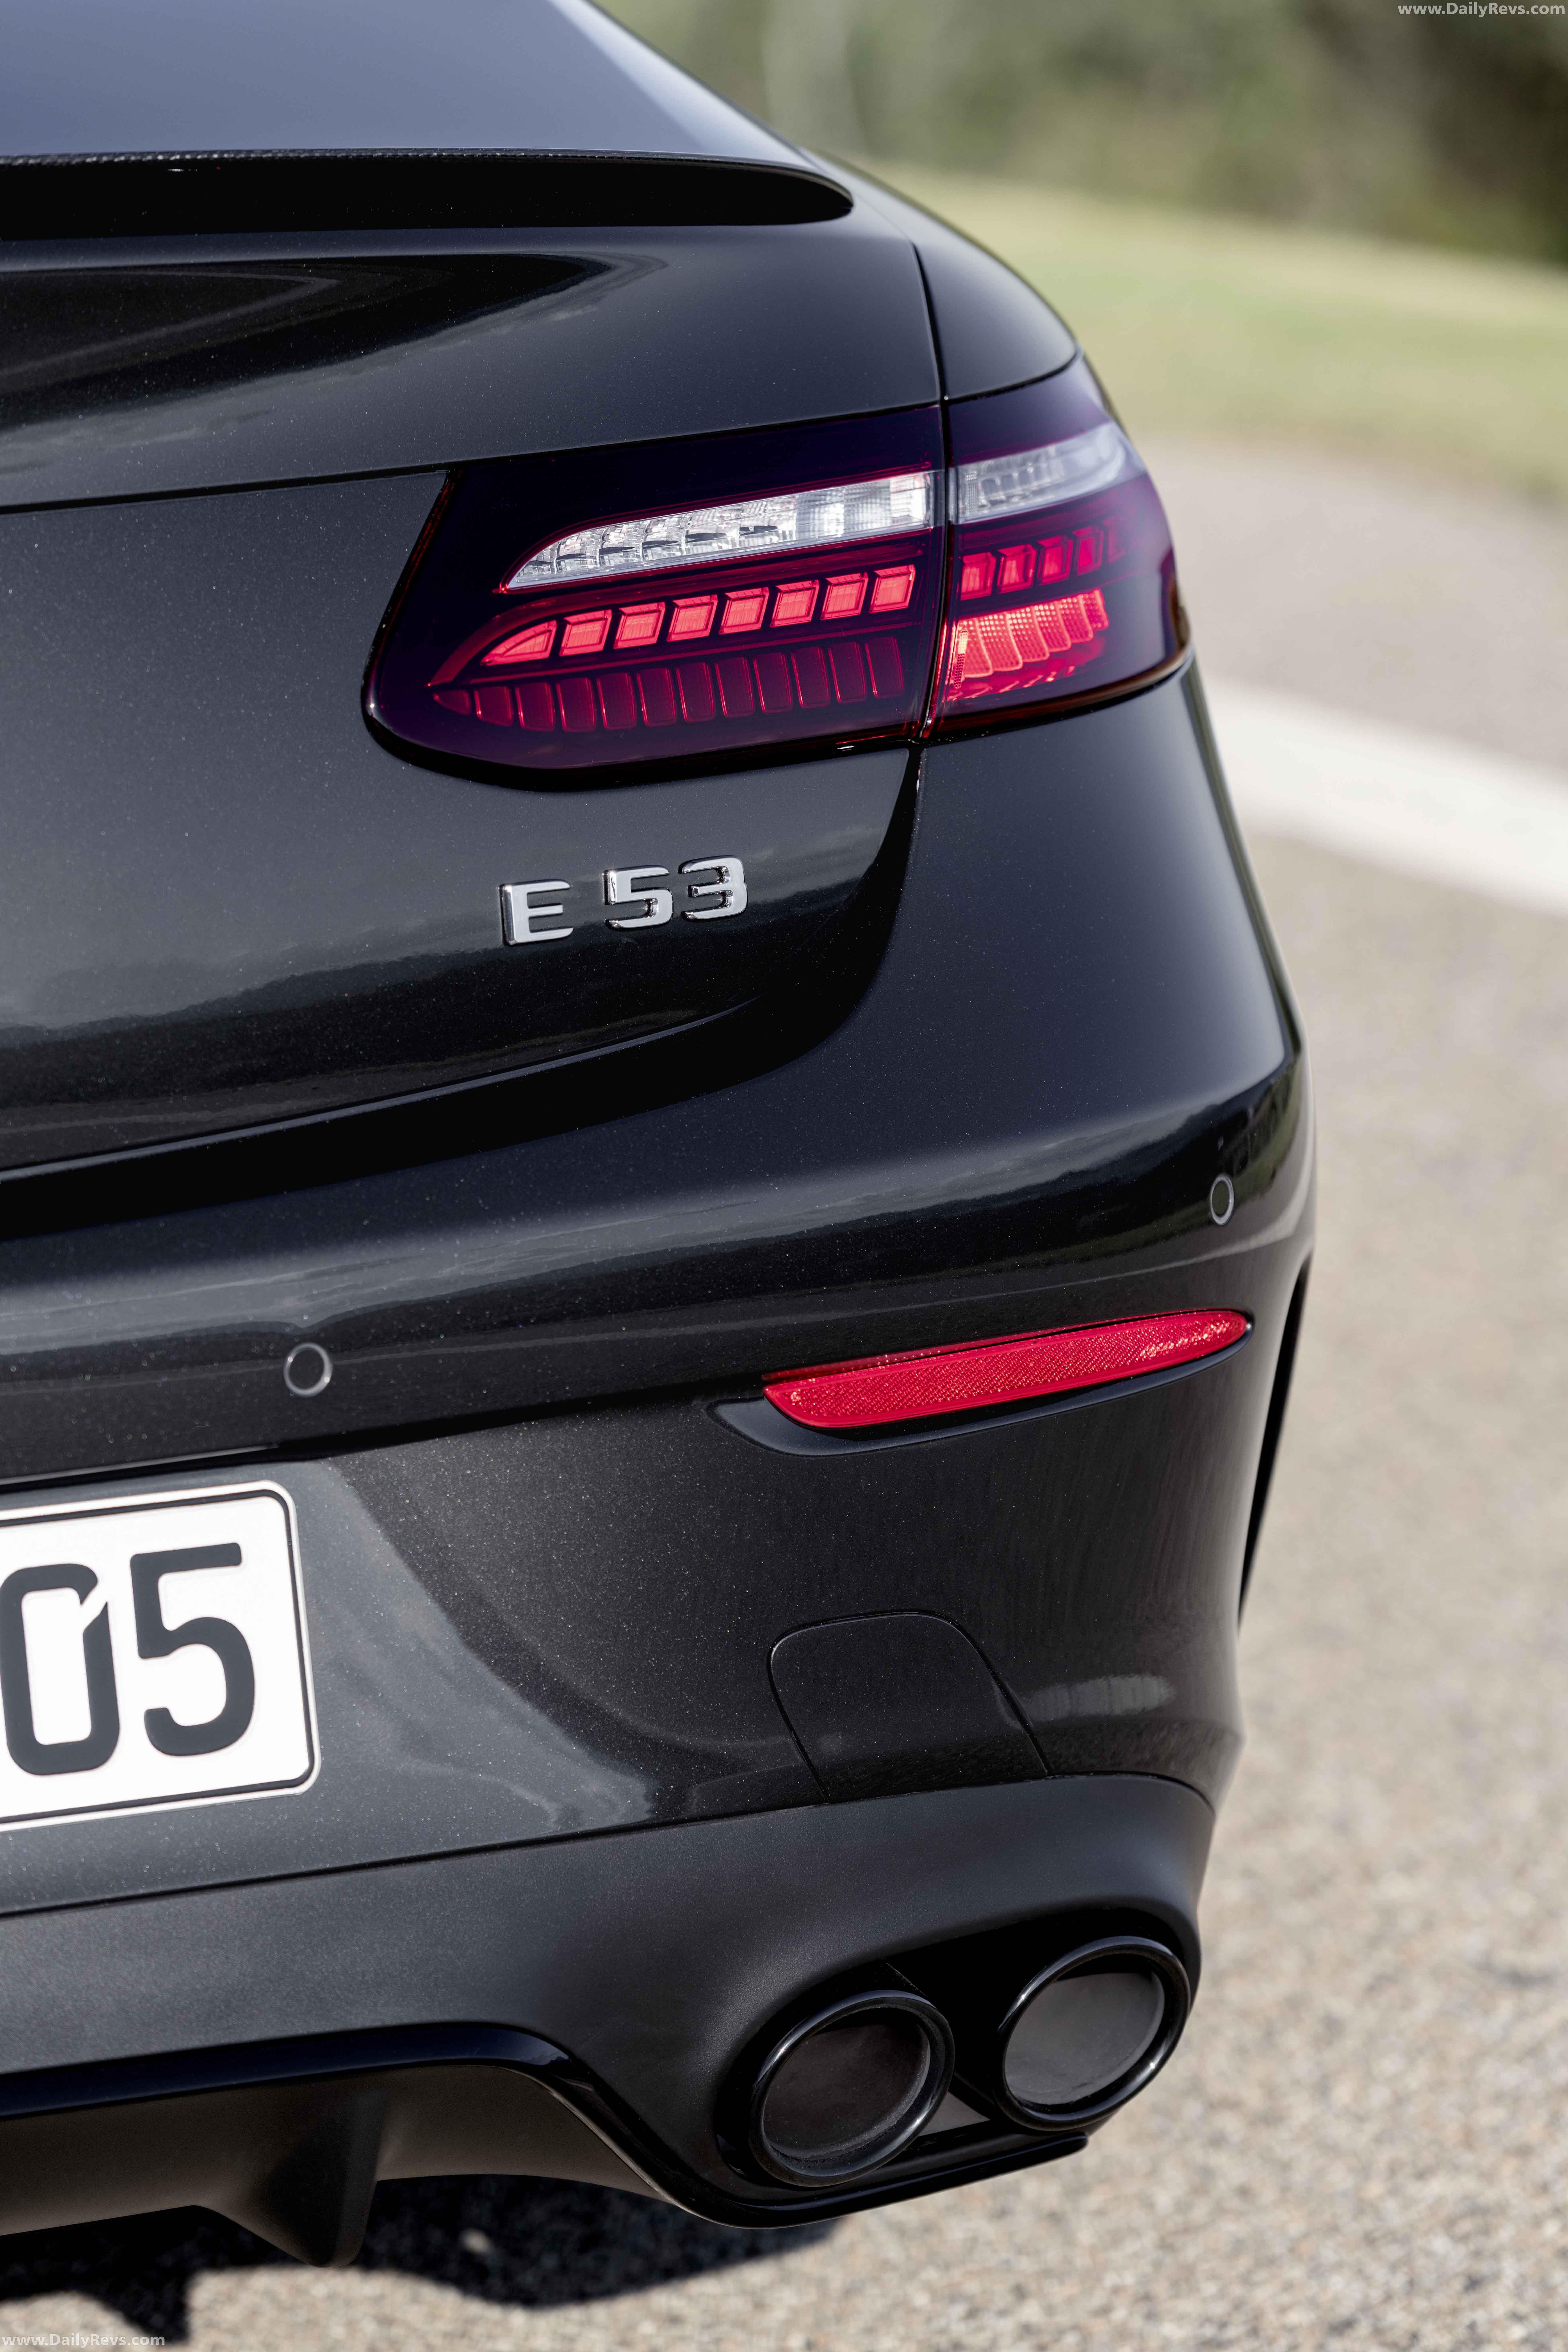 2021 Mercedes-Benz E53 AMG Coupe - Dailyrevs